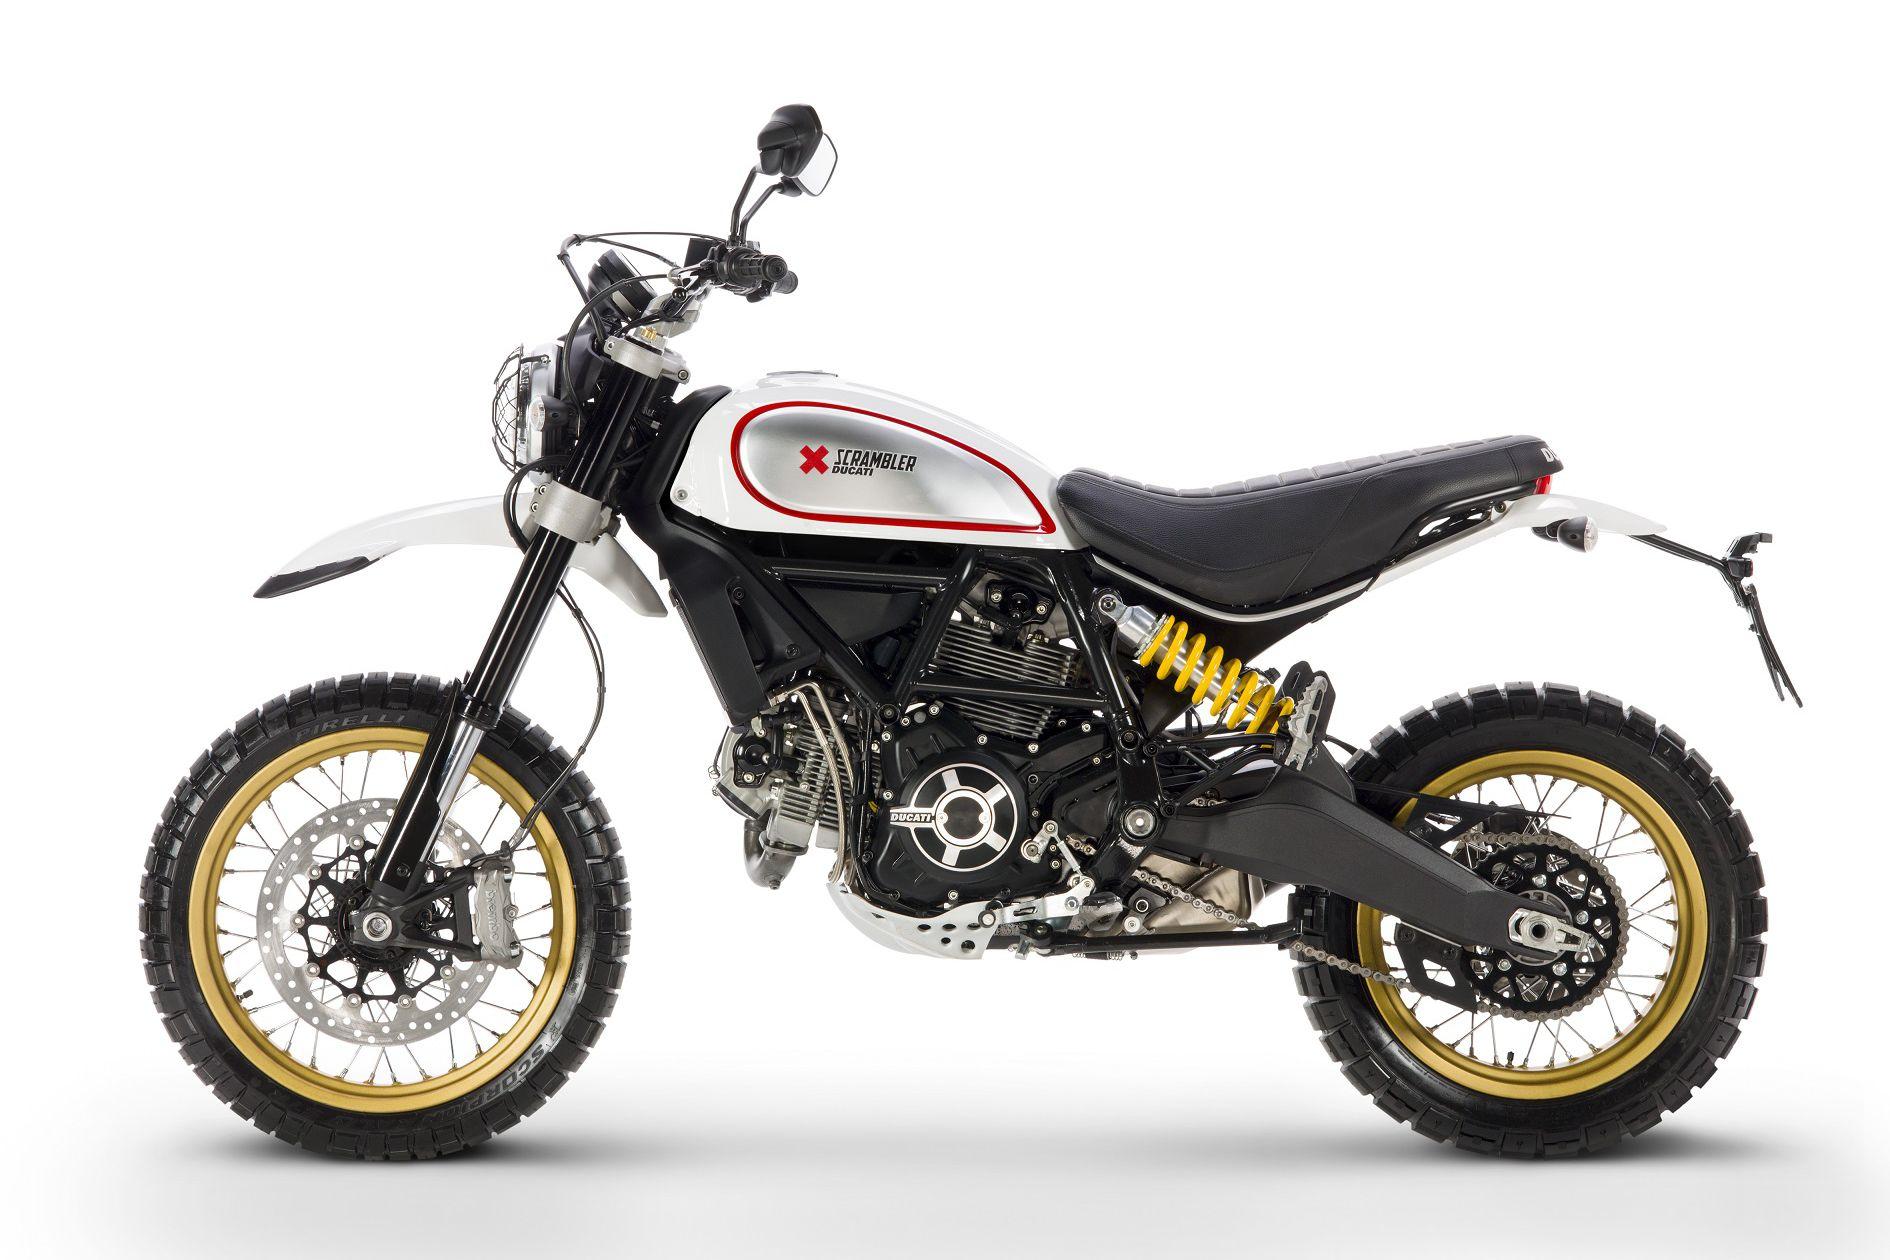 New Ducati Scrambler Desert Sled Visordown